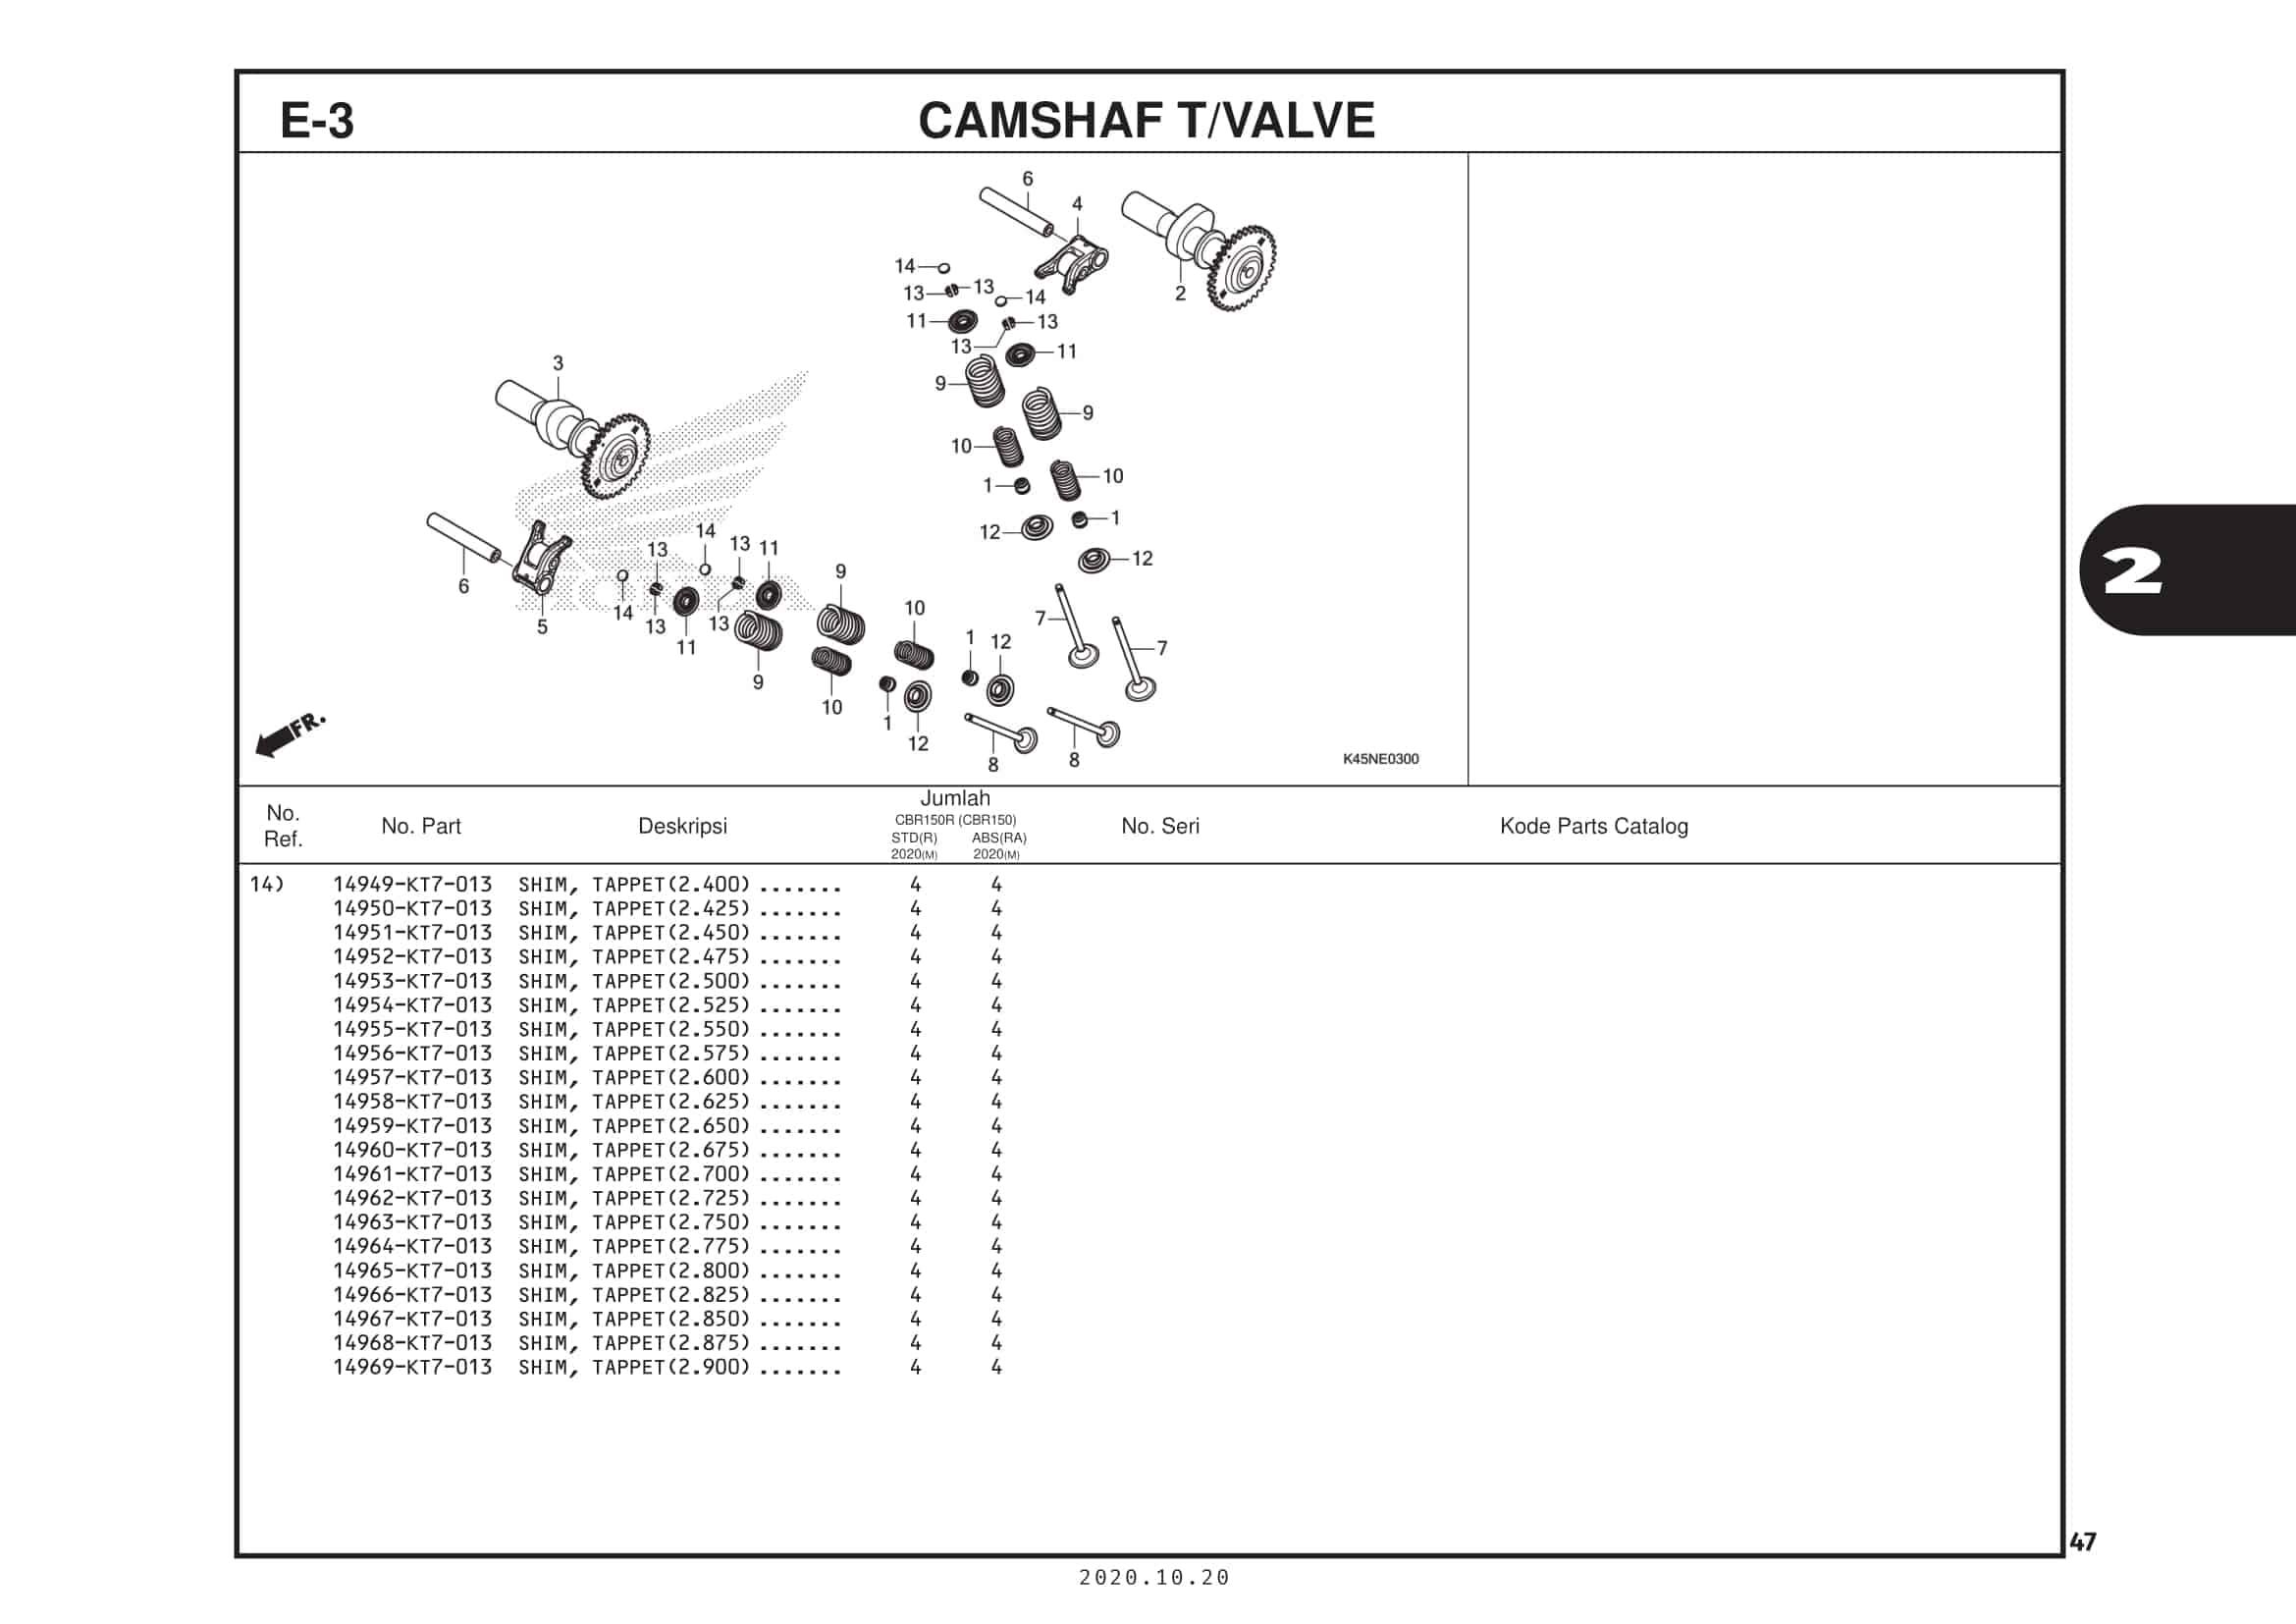 E-3 Camshaft T Valve